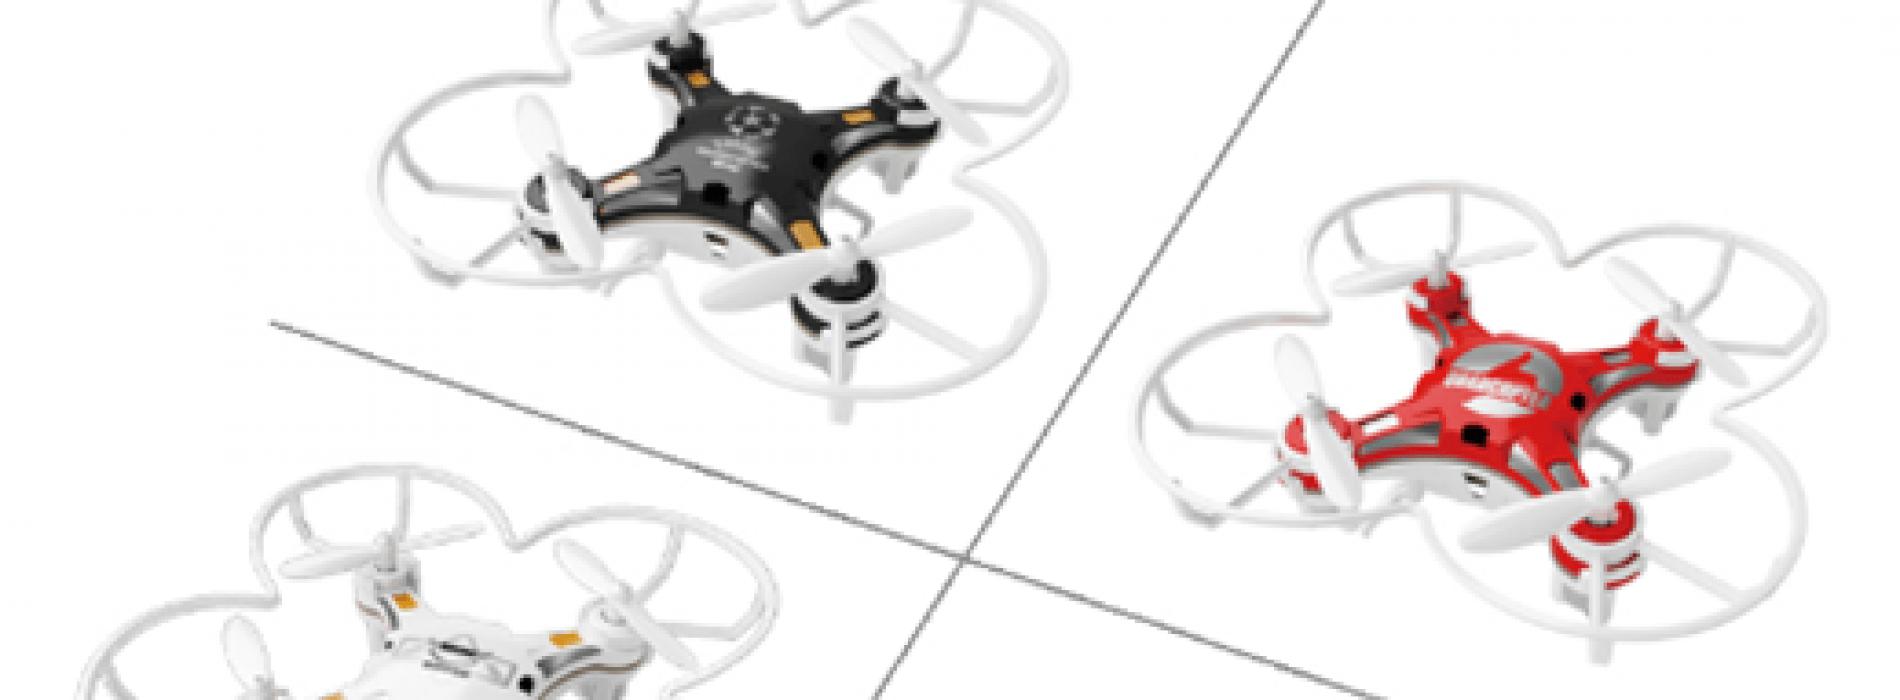 Hazte con un dron por menos de 10€